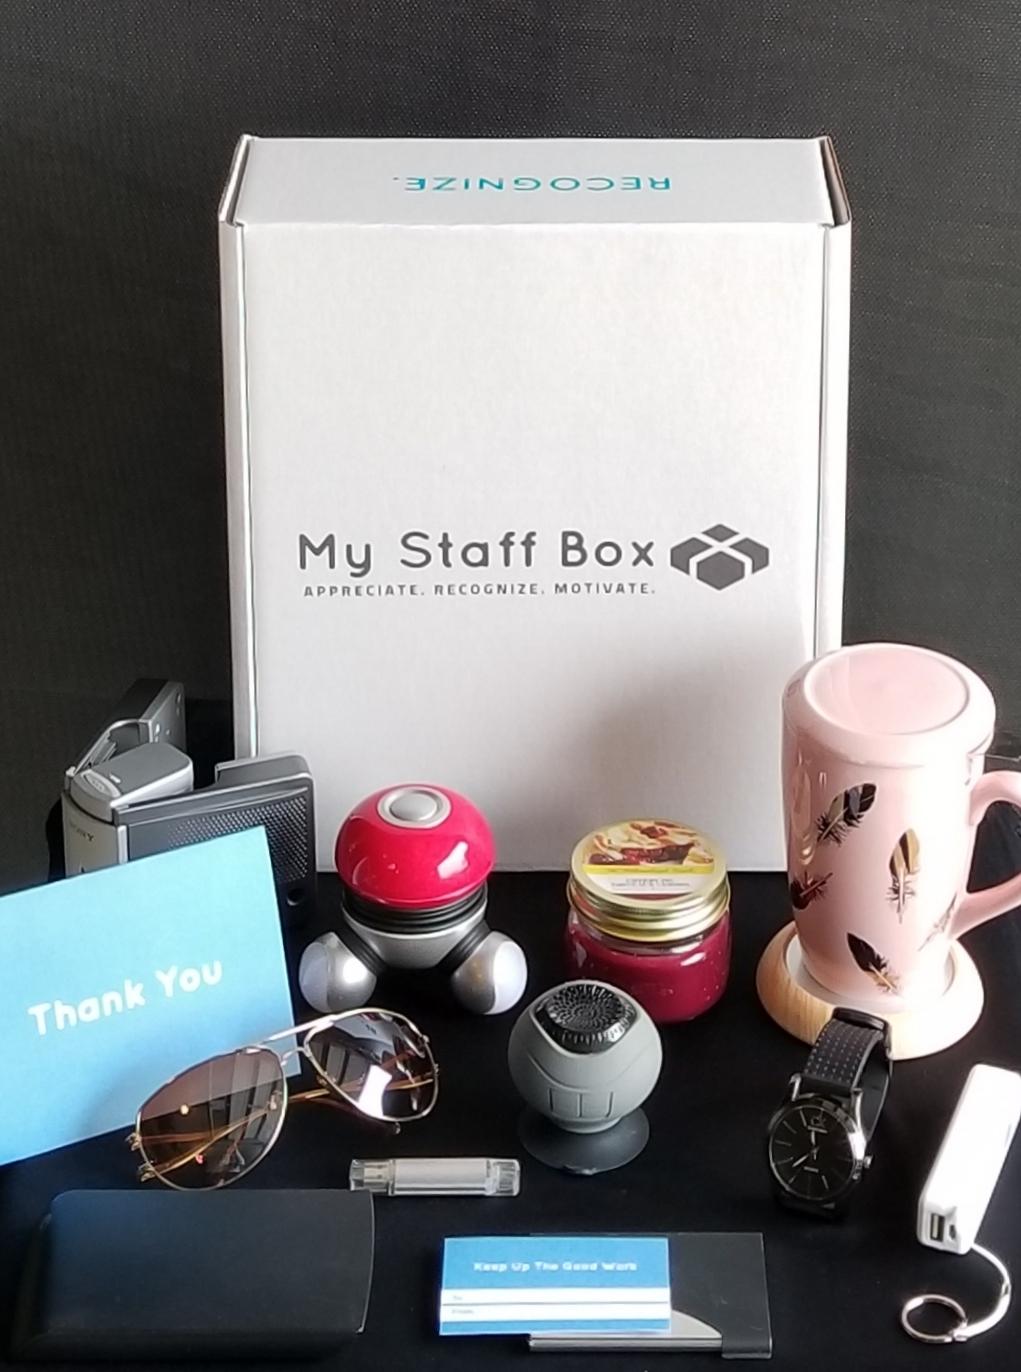 Standard Staff Box